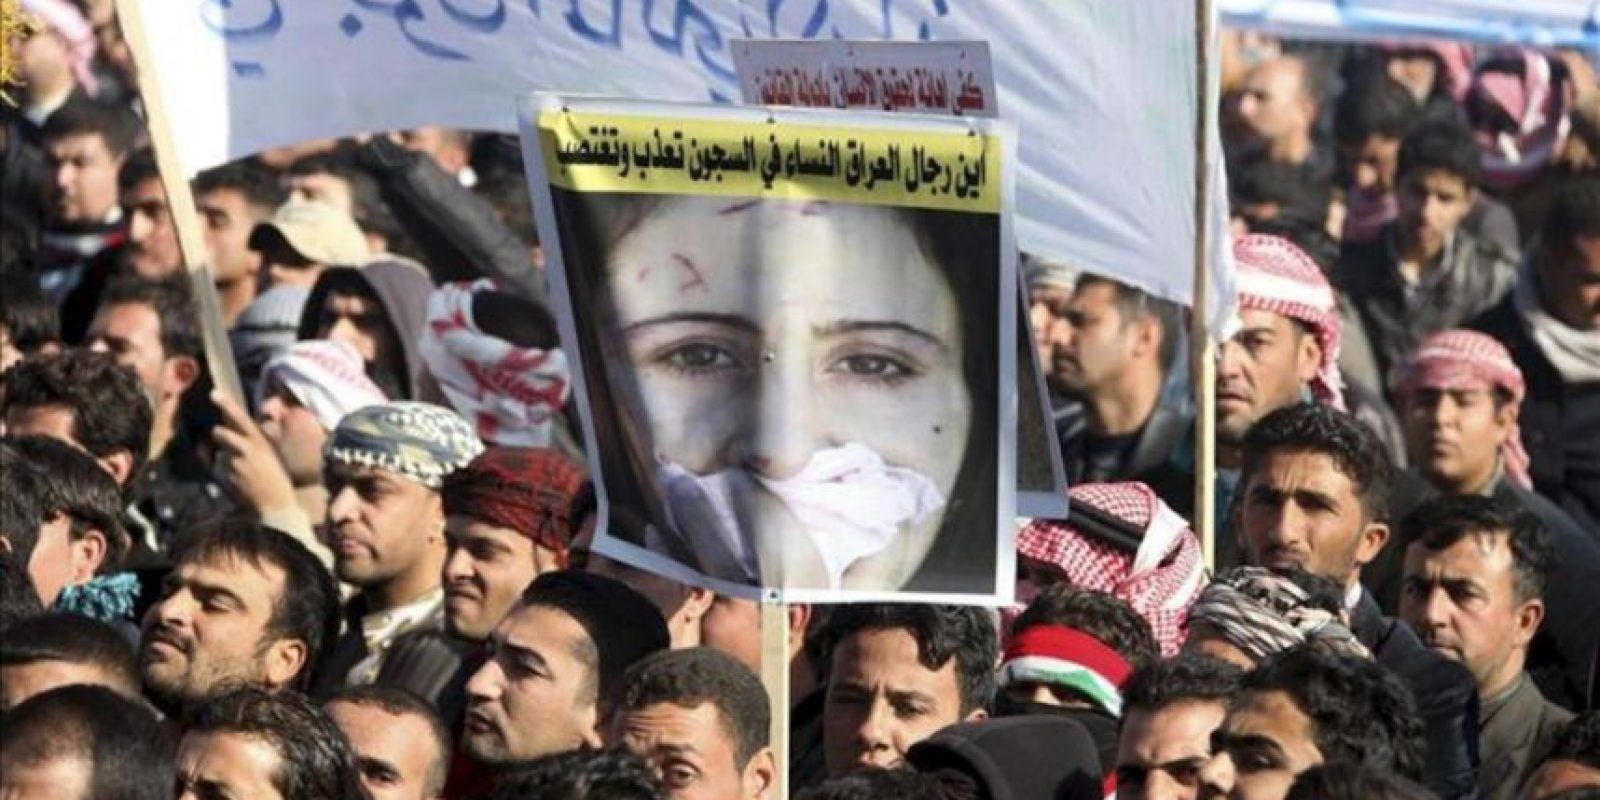 Miles de iraquíes suníes participan en una manifestación antigobierno en Ramadi, oeste de Irak, hoy, miércoles 26 de diciembre de 2012. EFE